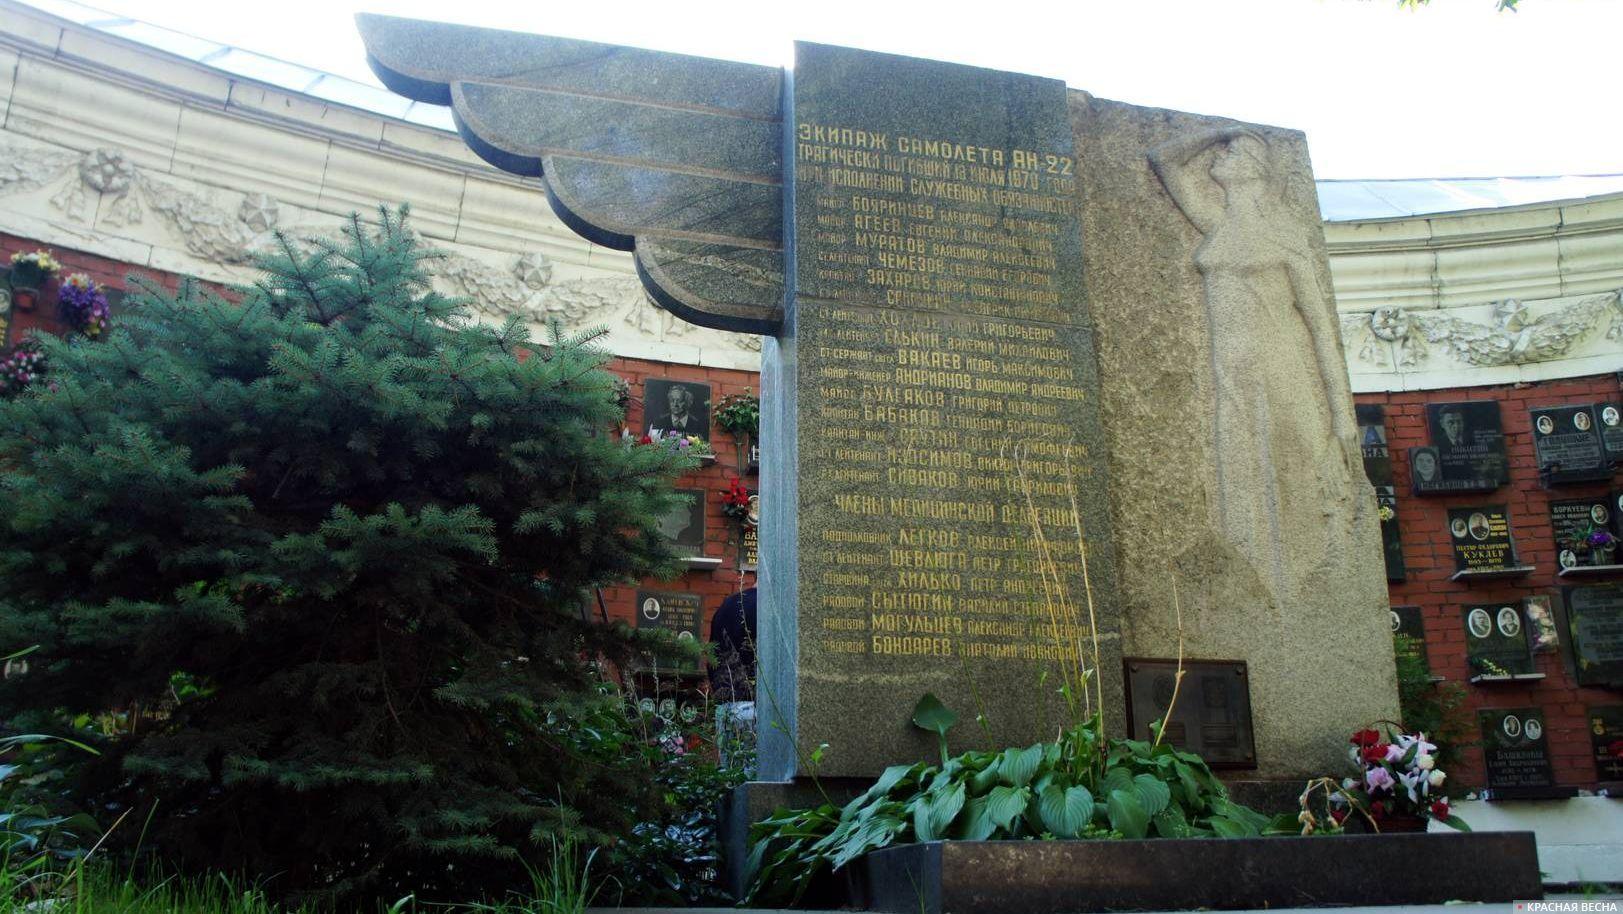 Памятник погибшему экипажу самолета Ан-22 и медицинской делегации. Новодевичье кладбище. Москва